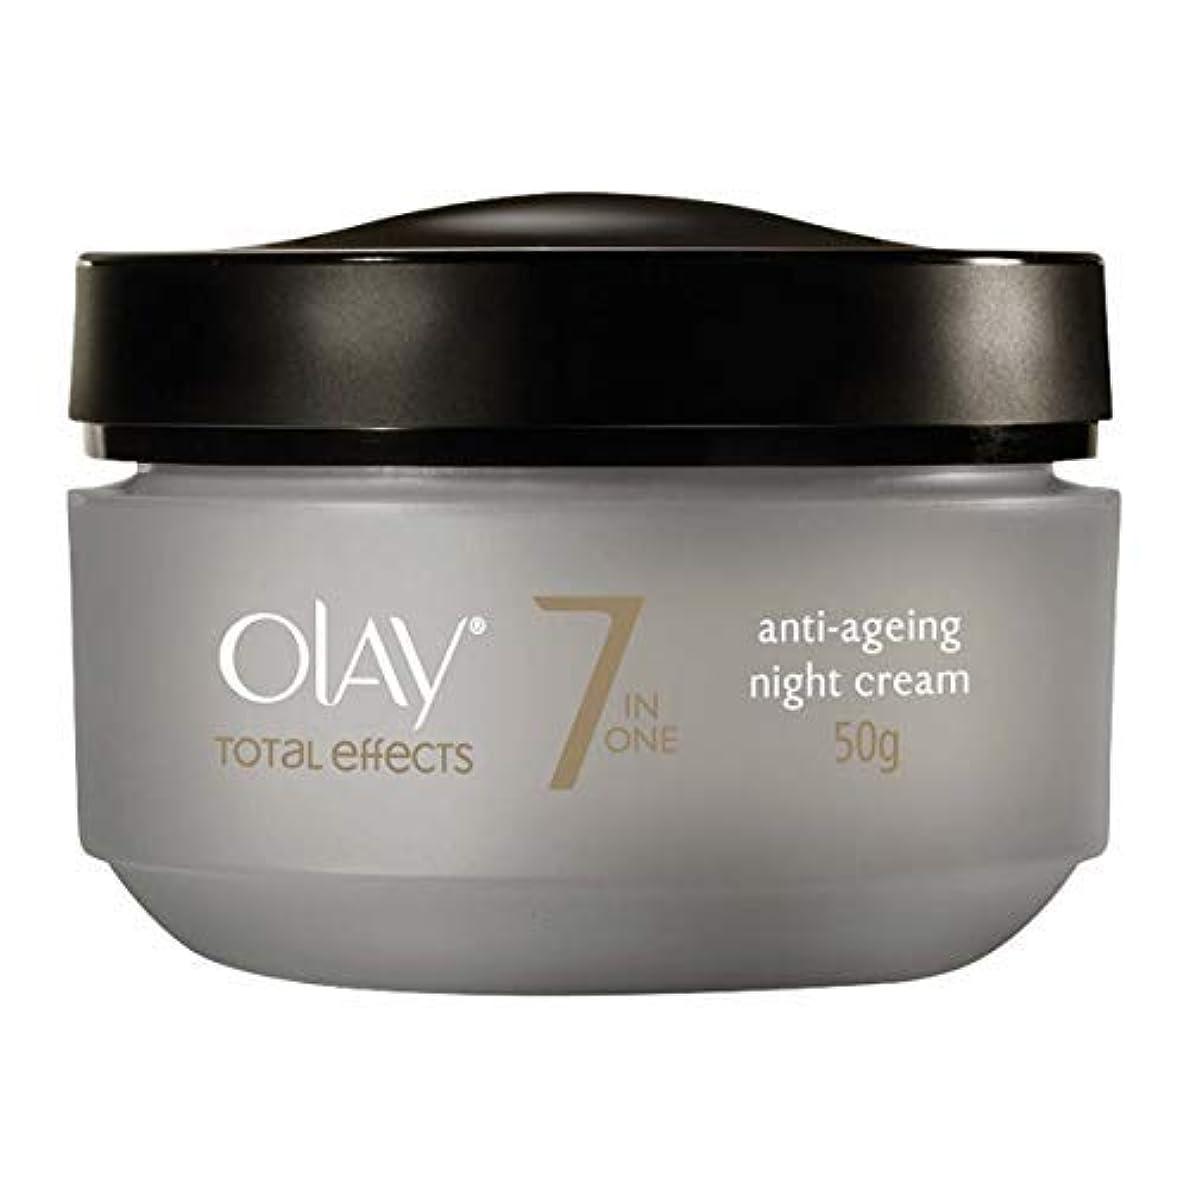 暫定意図的少数オレイ Total Effects 7 In 1 Anti-Ageing Night Cream 50ml/1.7oz並行輸入品